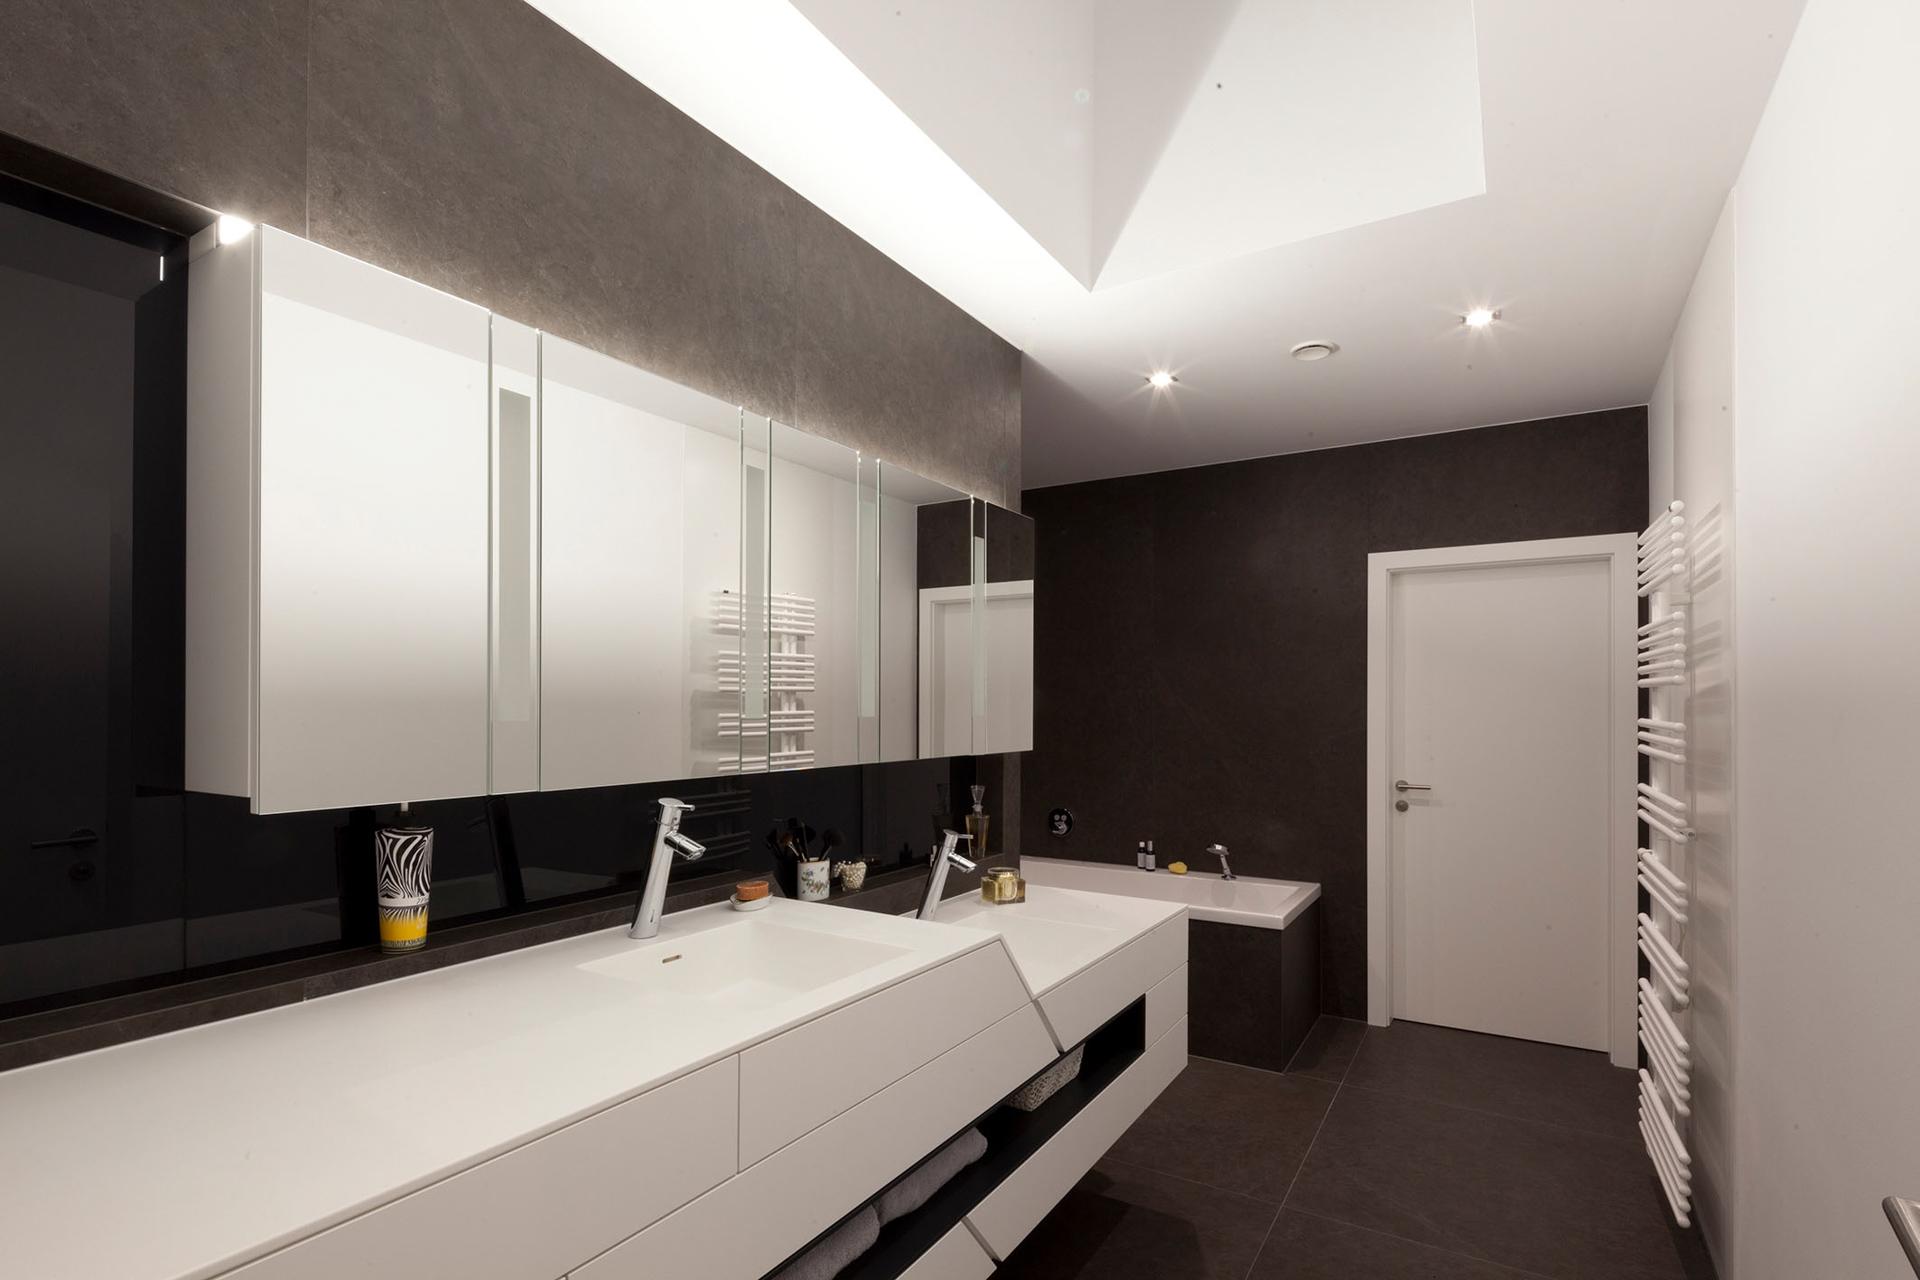 Von den Paschinger Architekten gestaltetes bzw. geplantes Badezimmer mit Doppel-Waschbecken, Badewanne und viel Platz